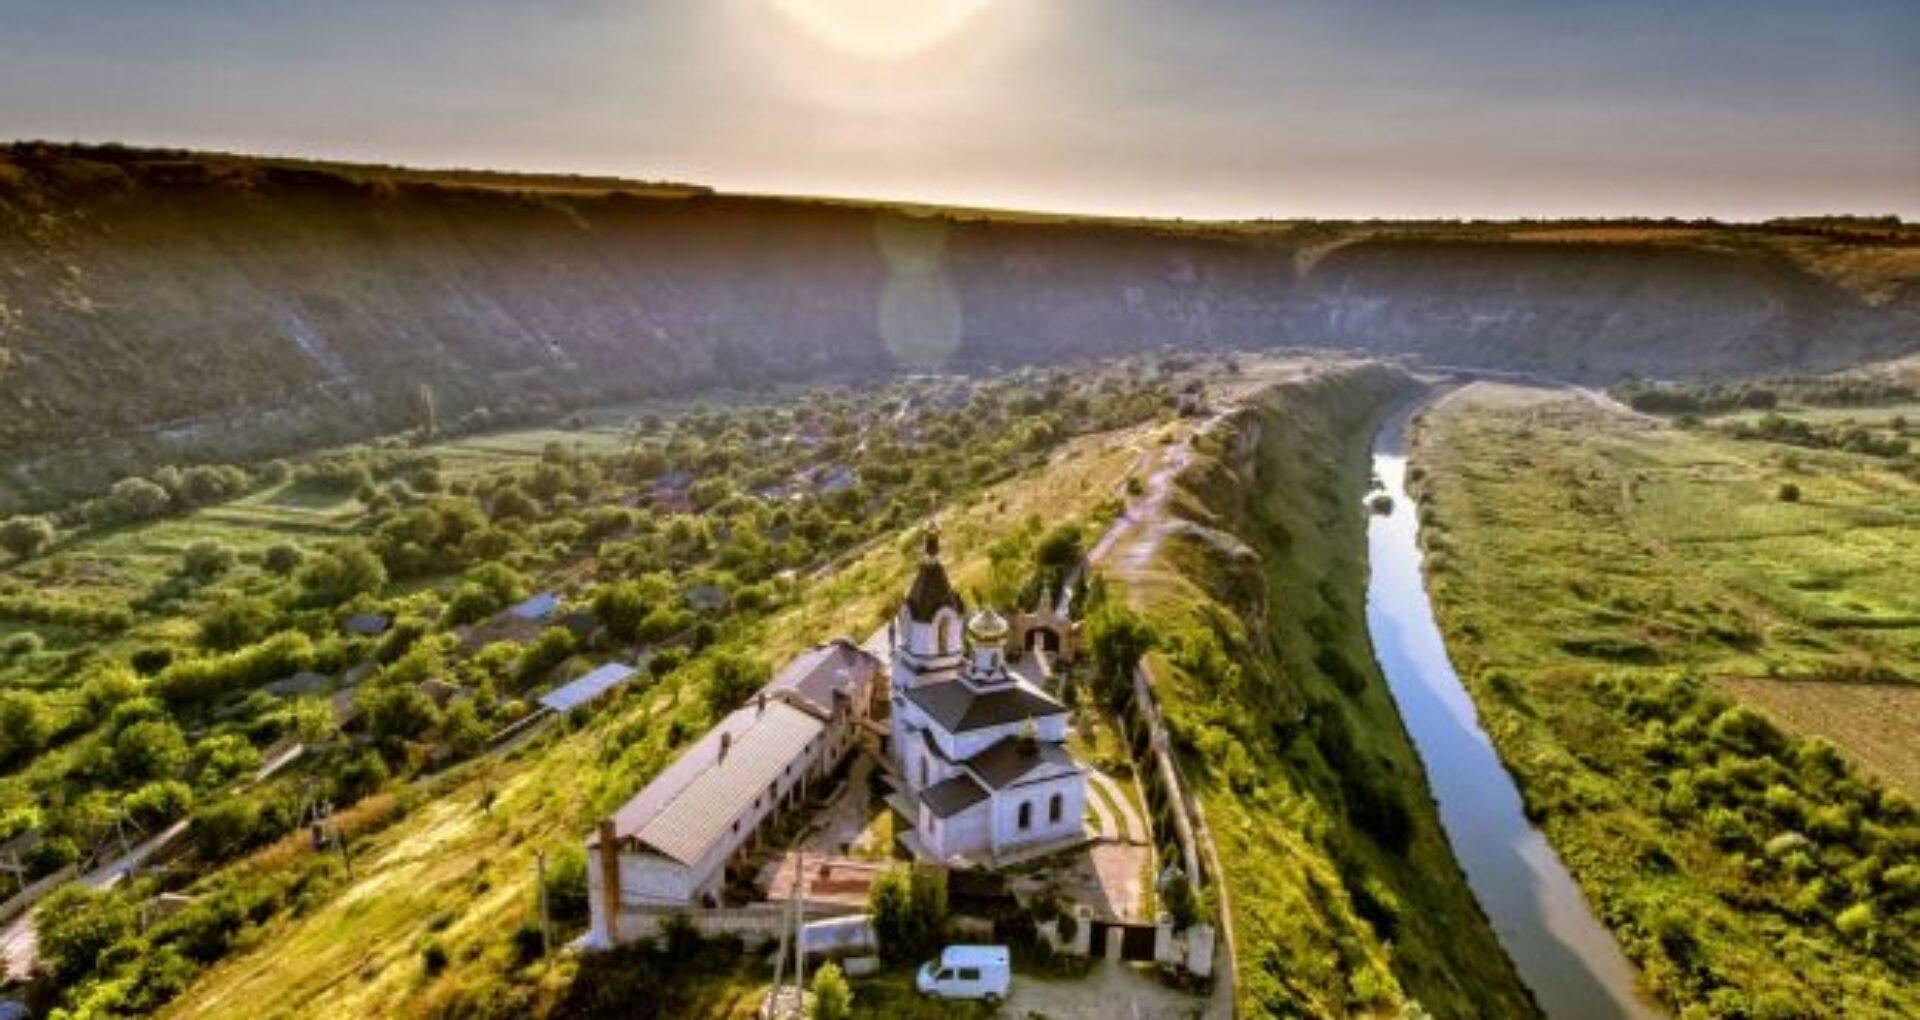 Turismul în R. Moldova a scăzut cu aproape 75%, în nouă luni ale anului